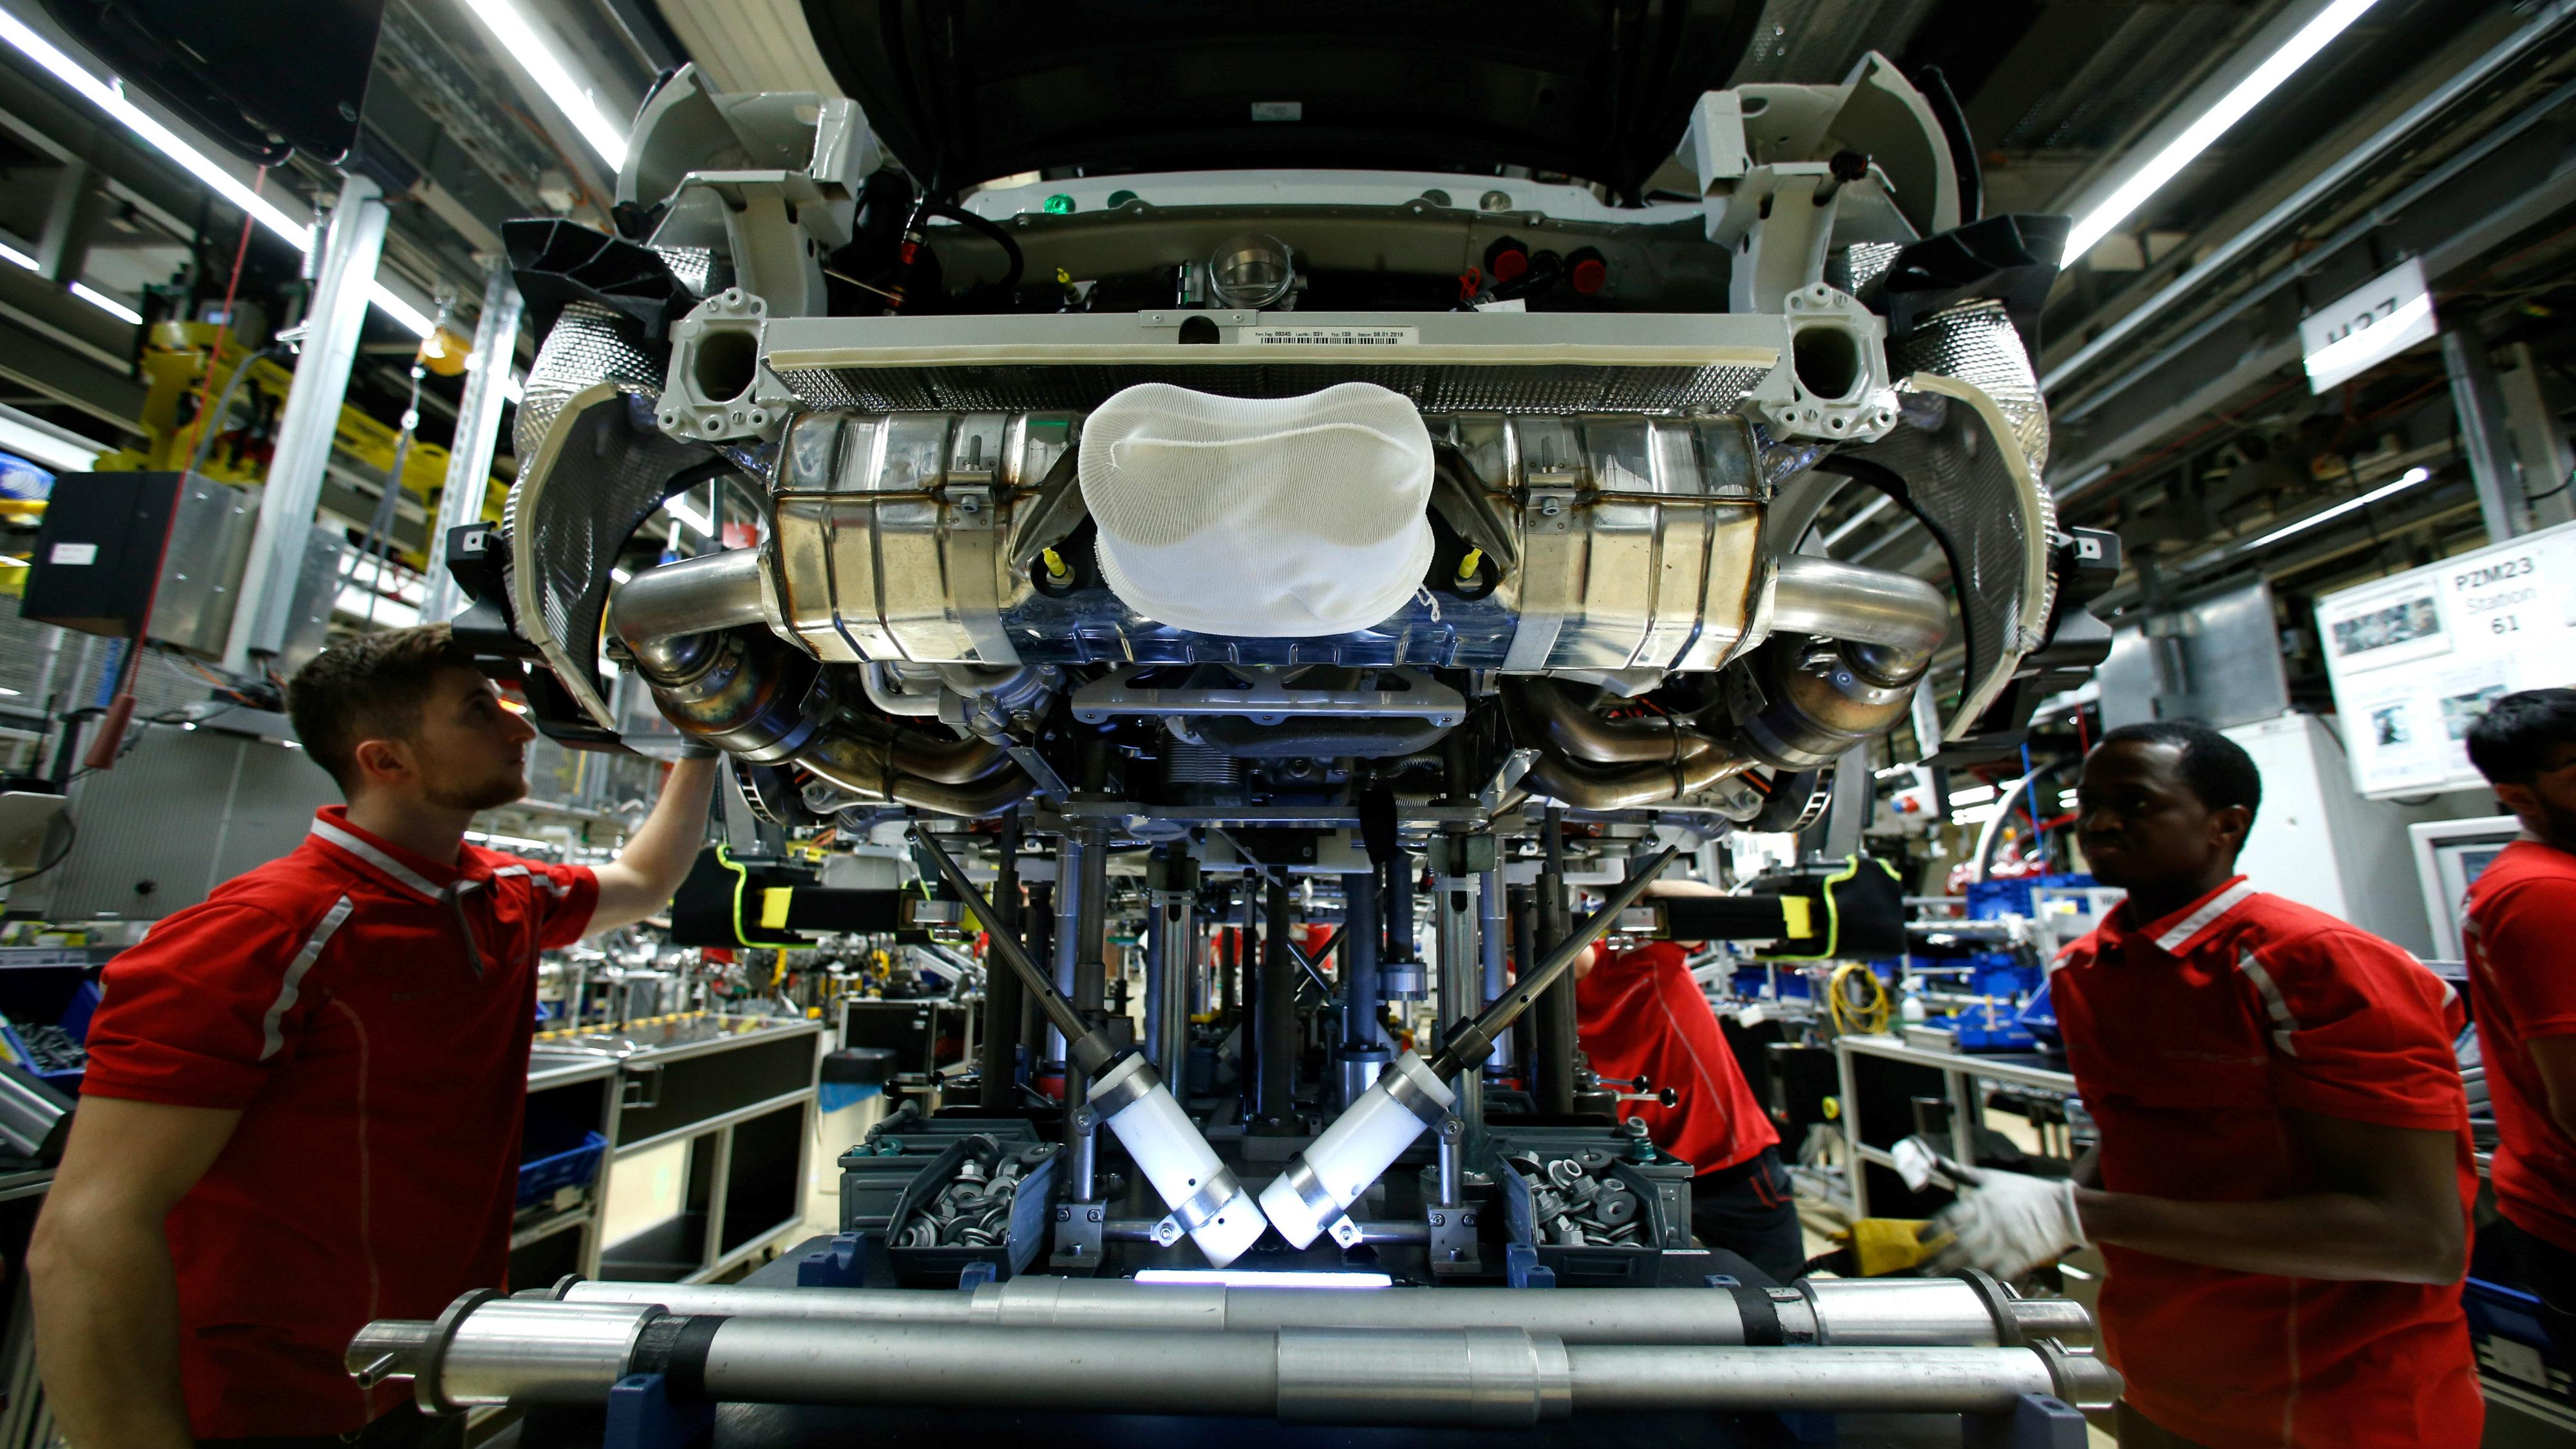 Employees of German car manufacturer Porsche work on a sports car at the Porsche factory in Stuttgart-Zuffenhausen, Germany